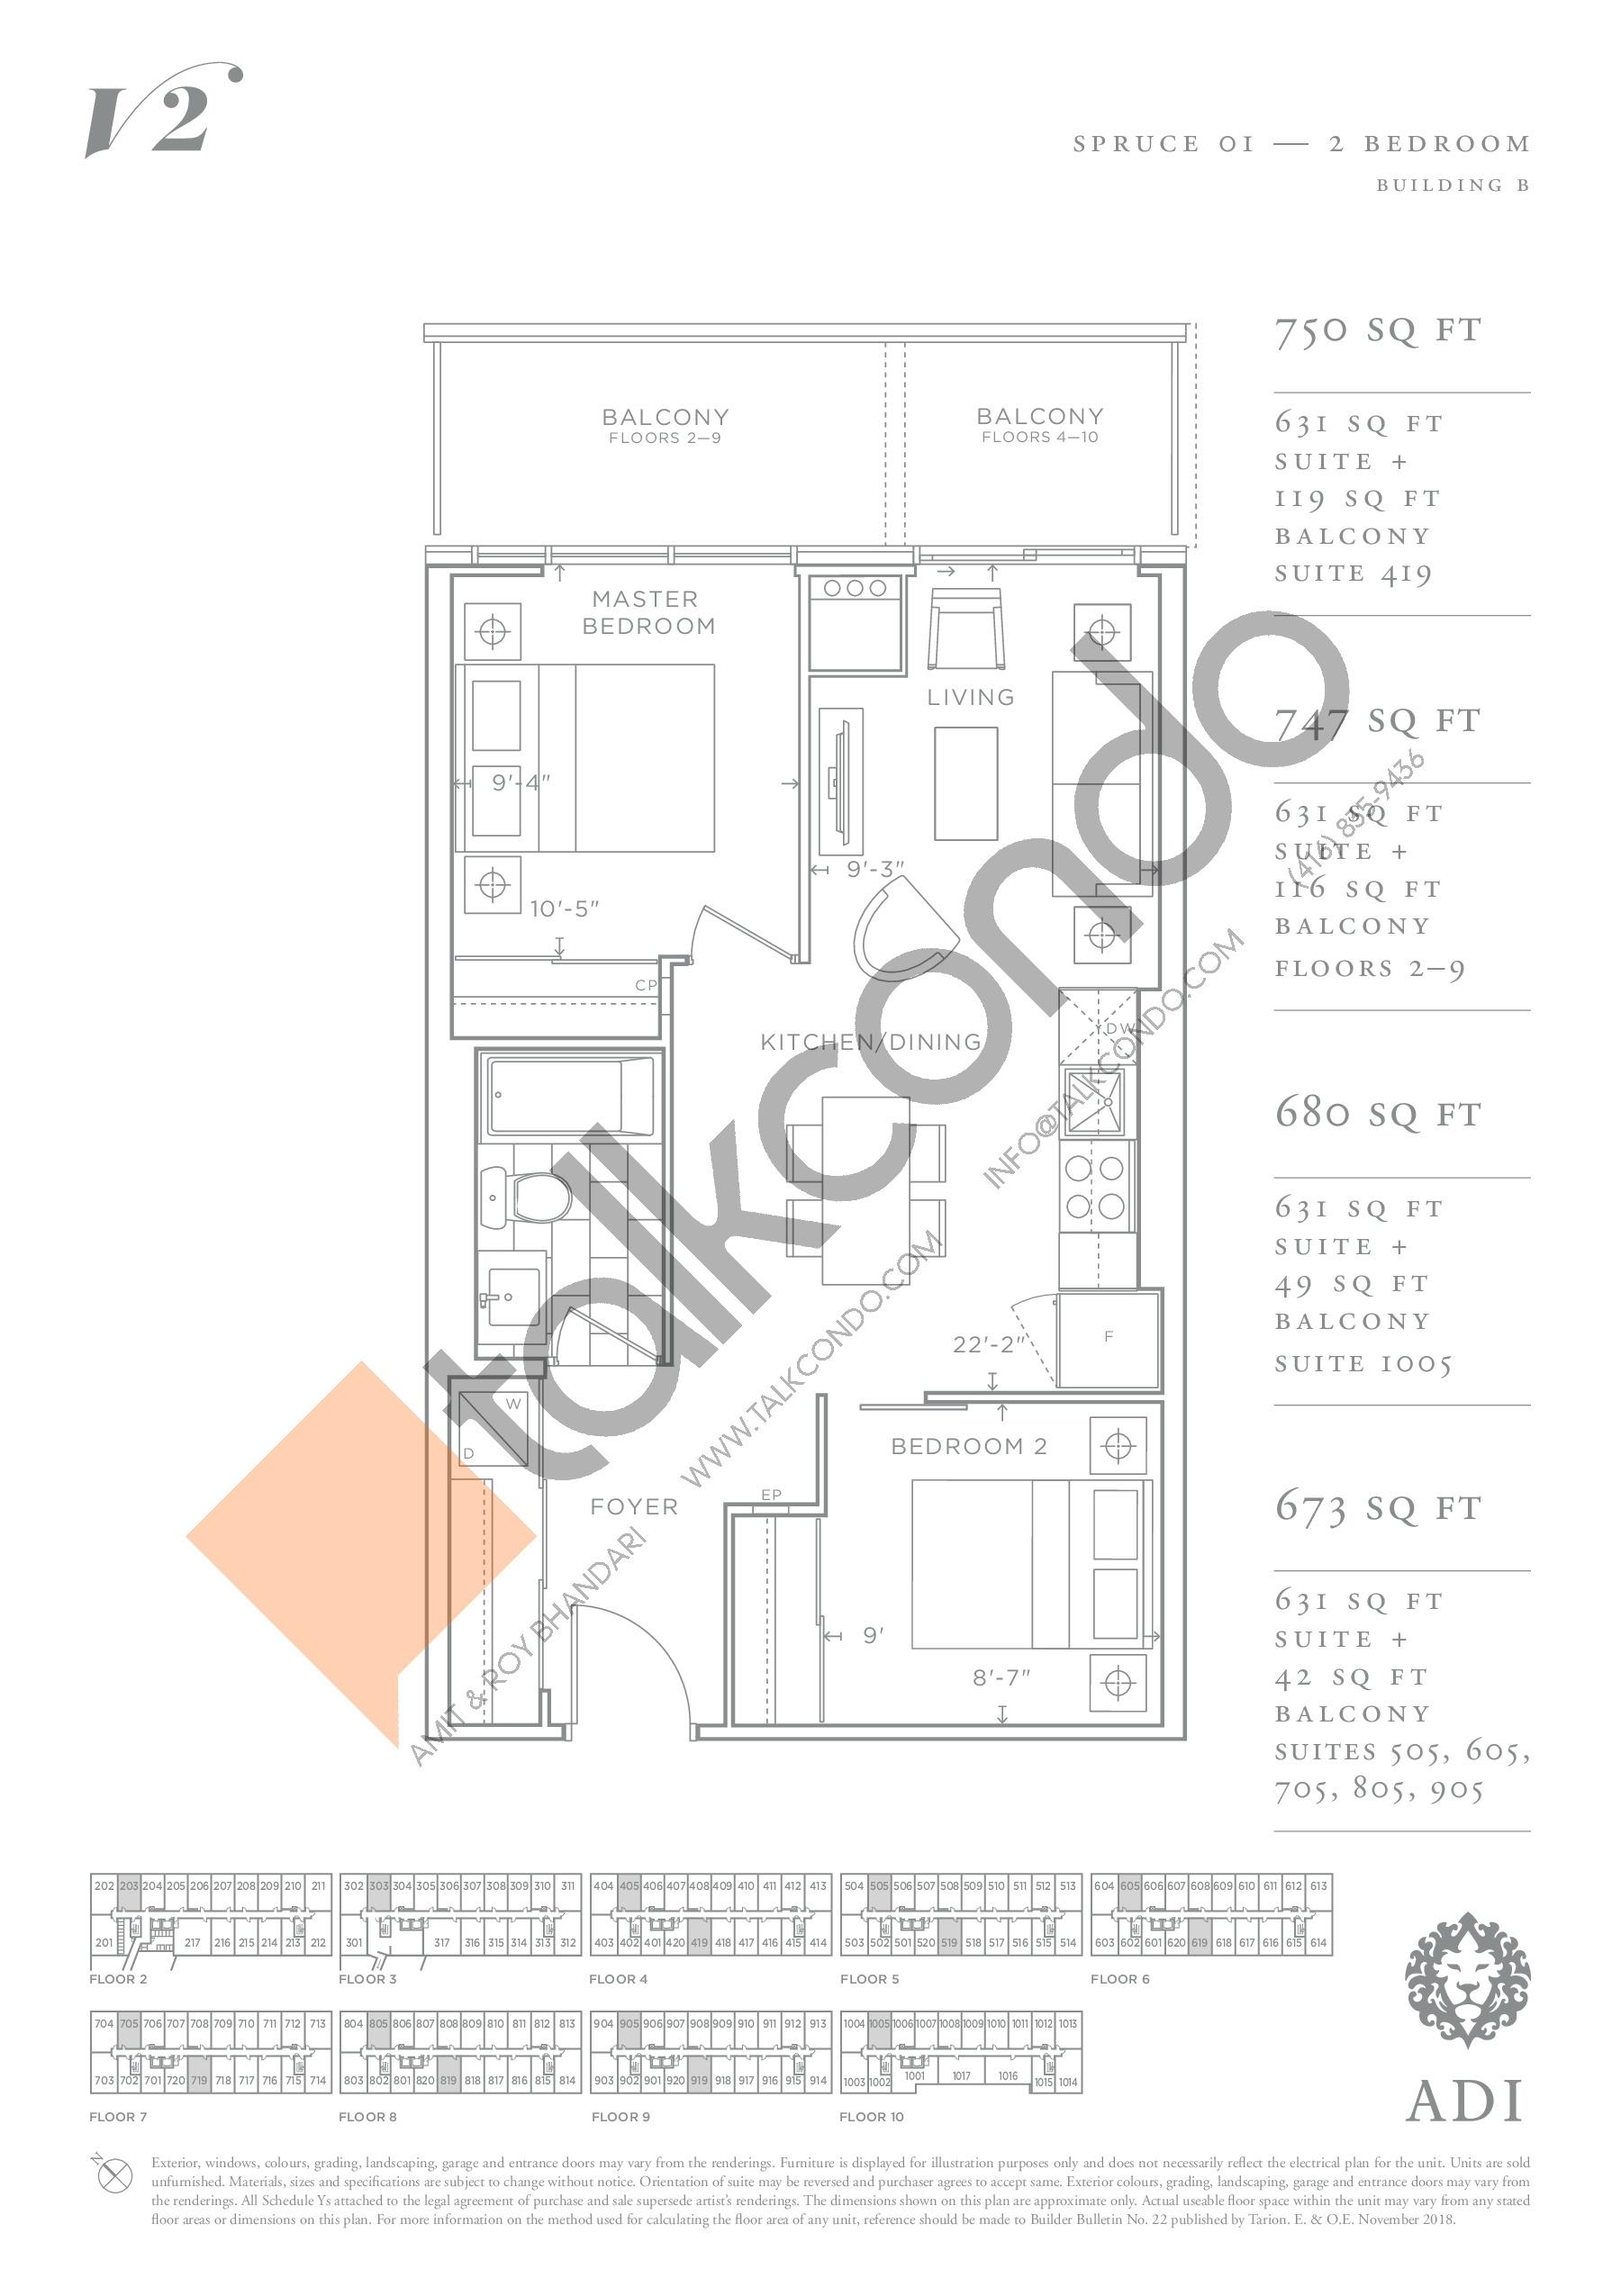 Spruce 01 Floor Plan at Valera Condos 2 - 631 sq.ft